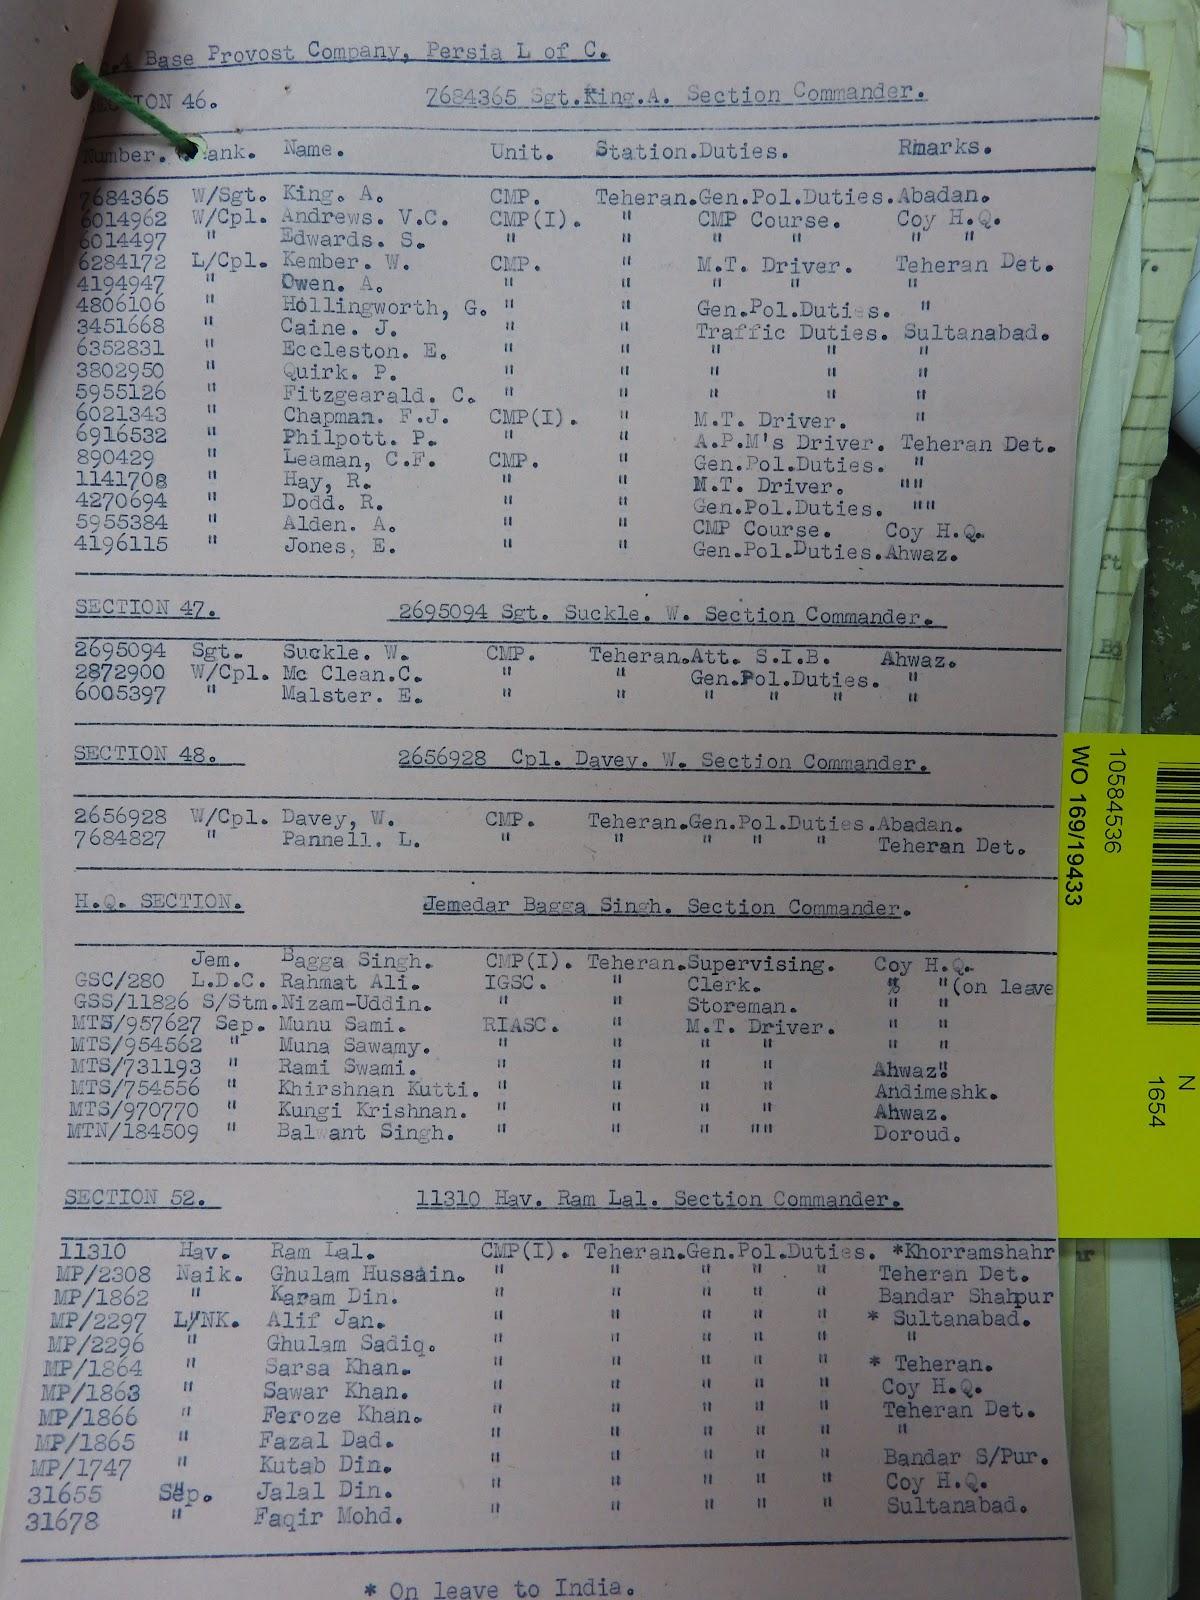 DSCN2285.JPG